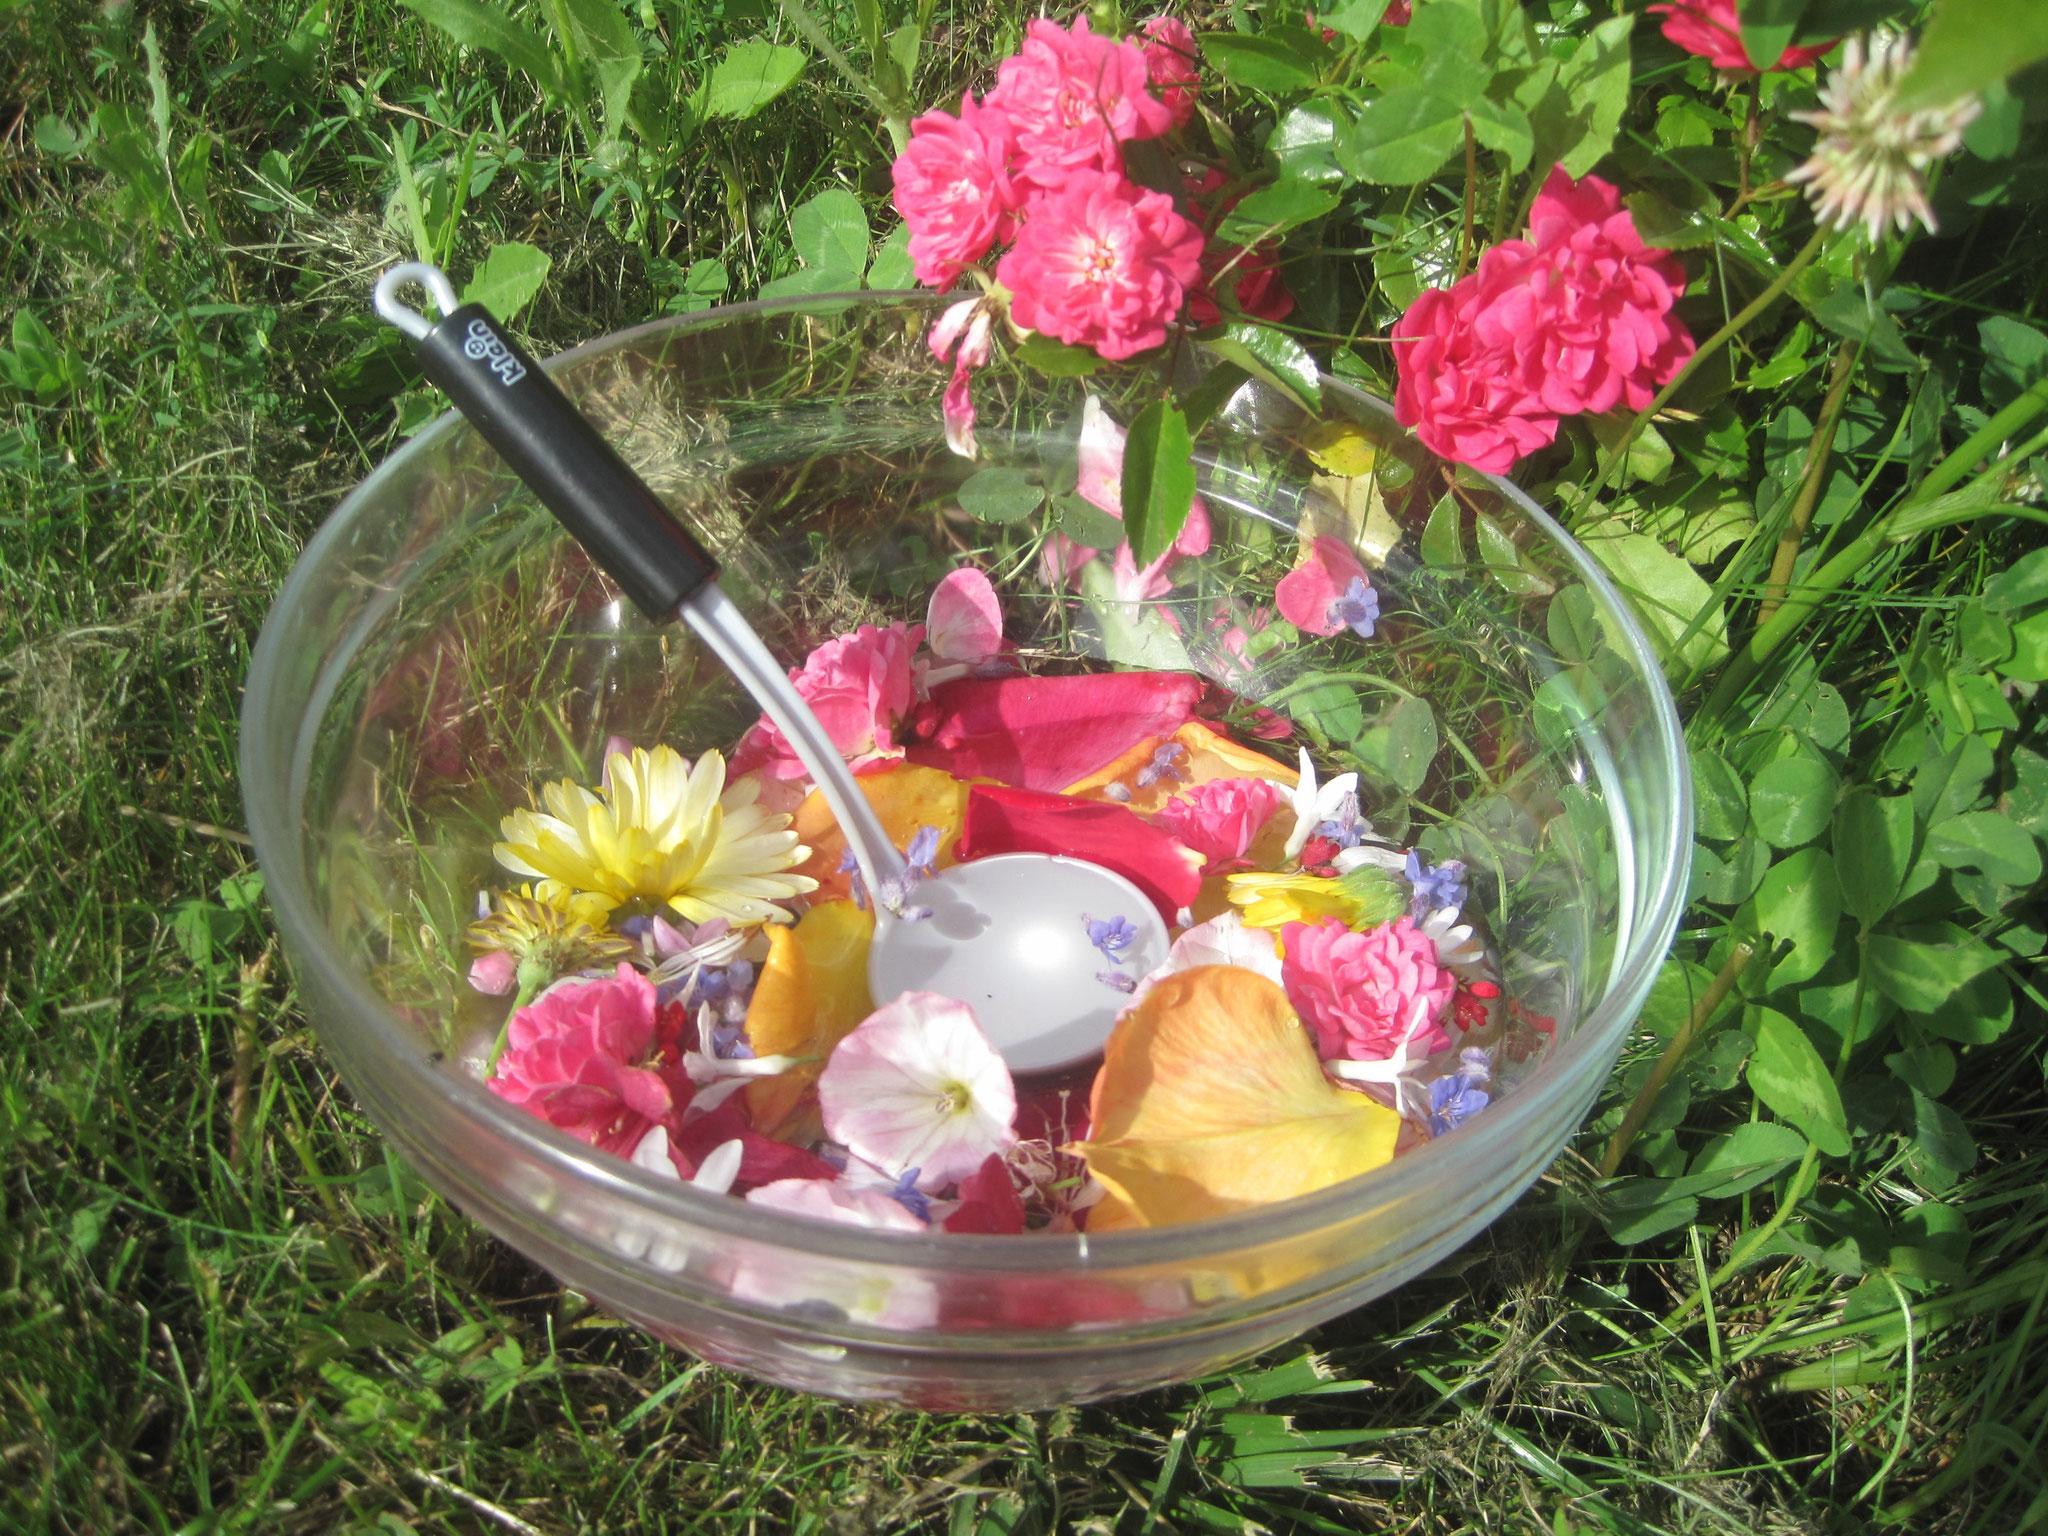 Récolte de fleurs préparée en soupe